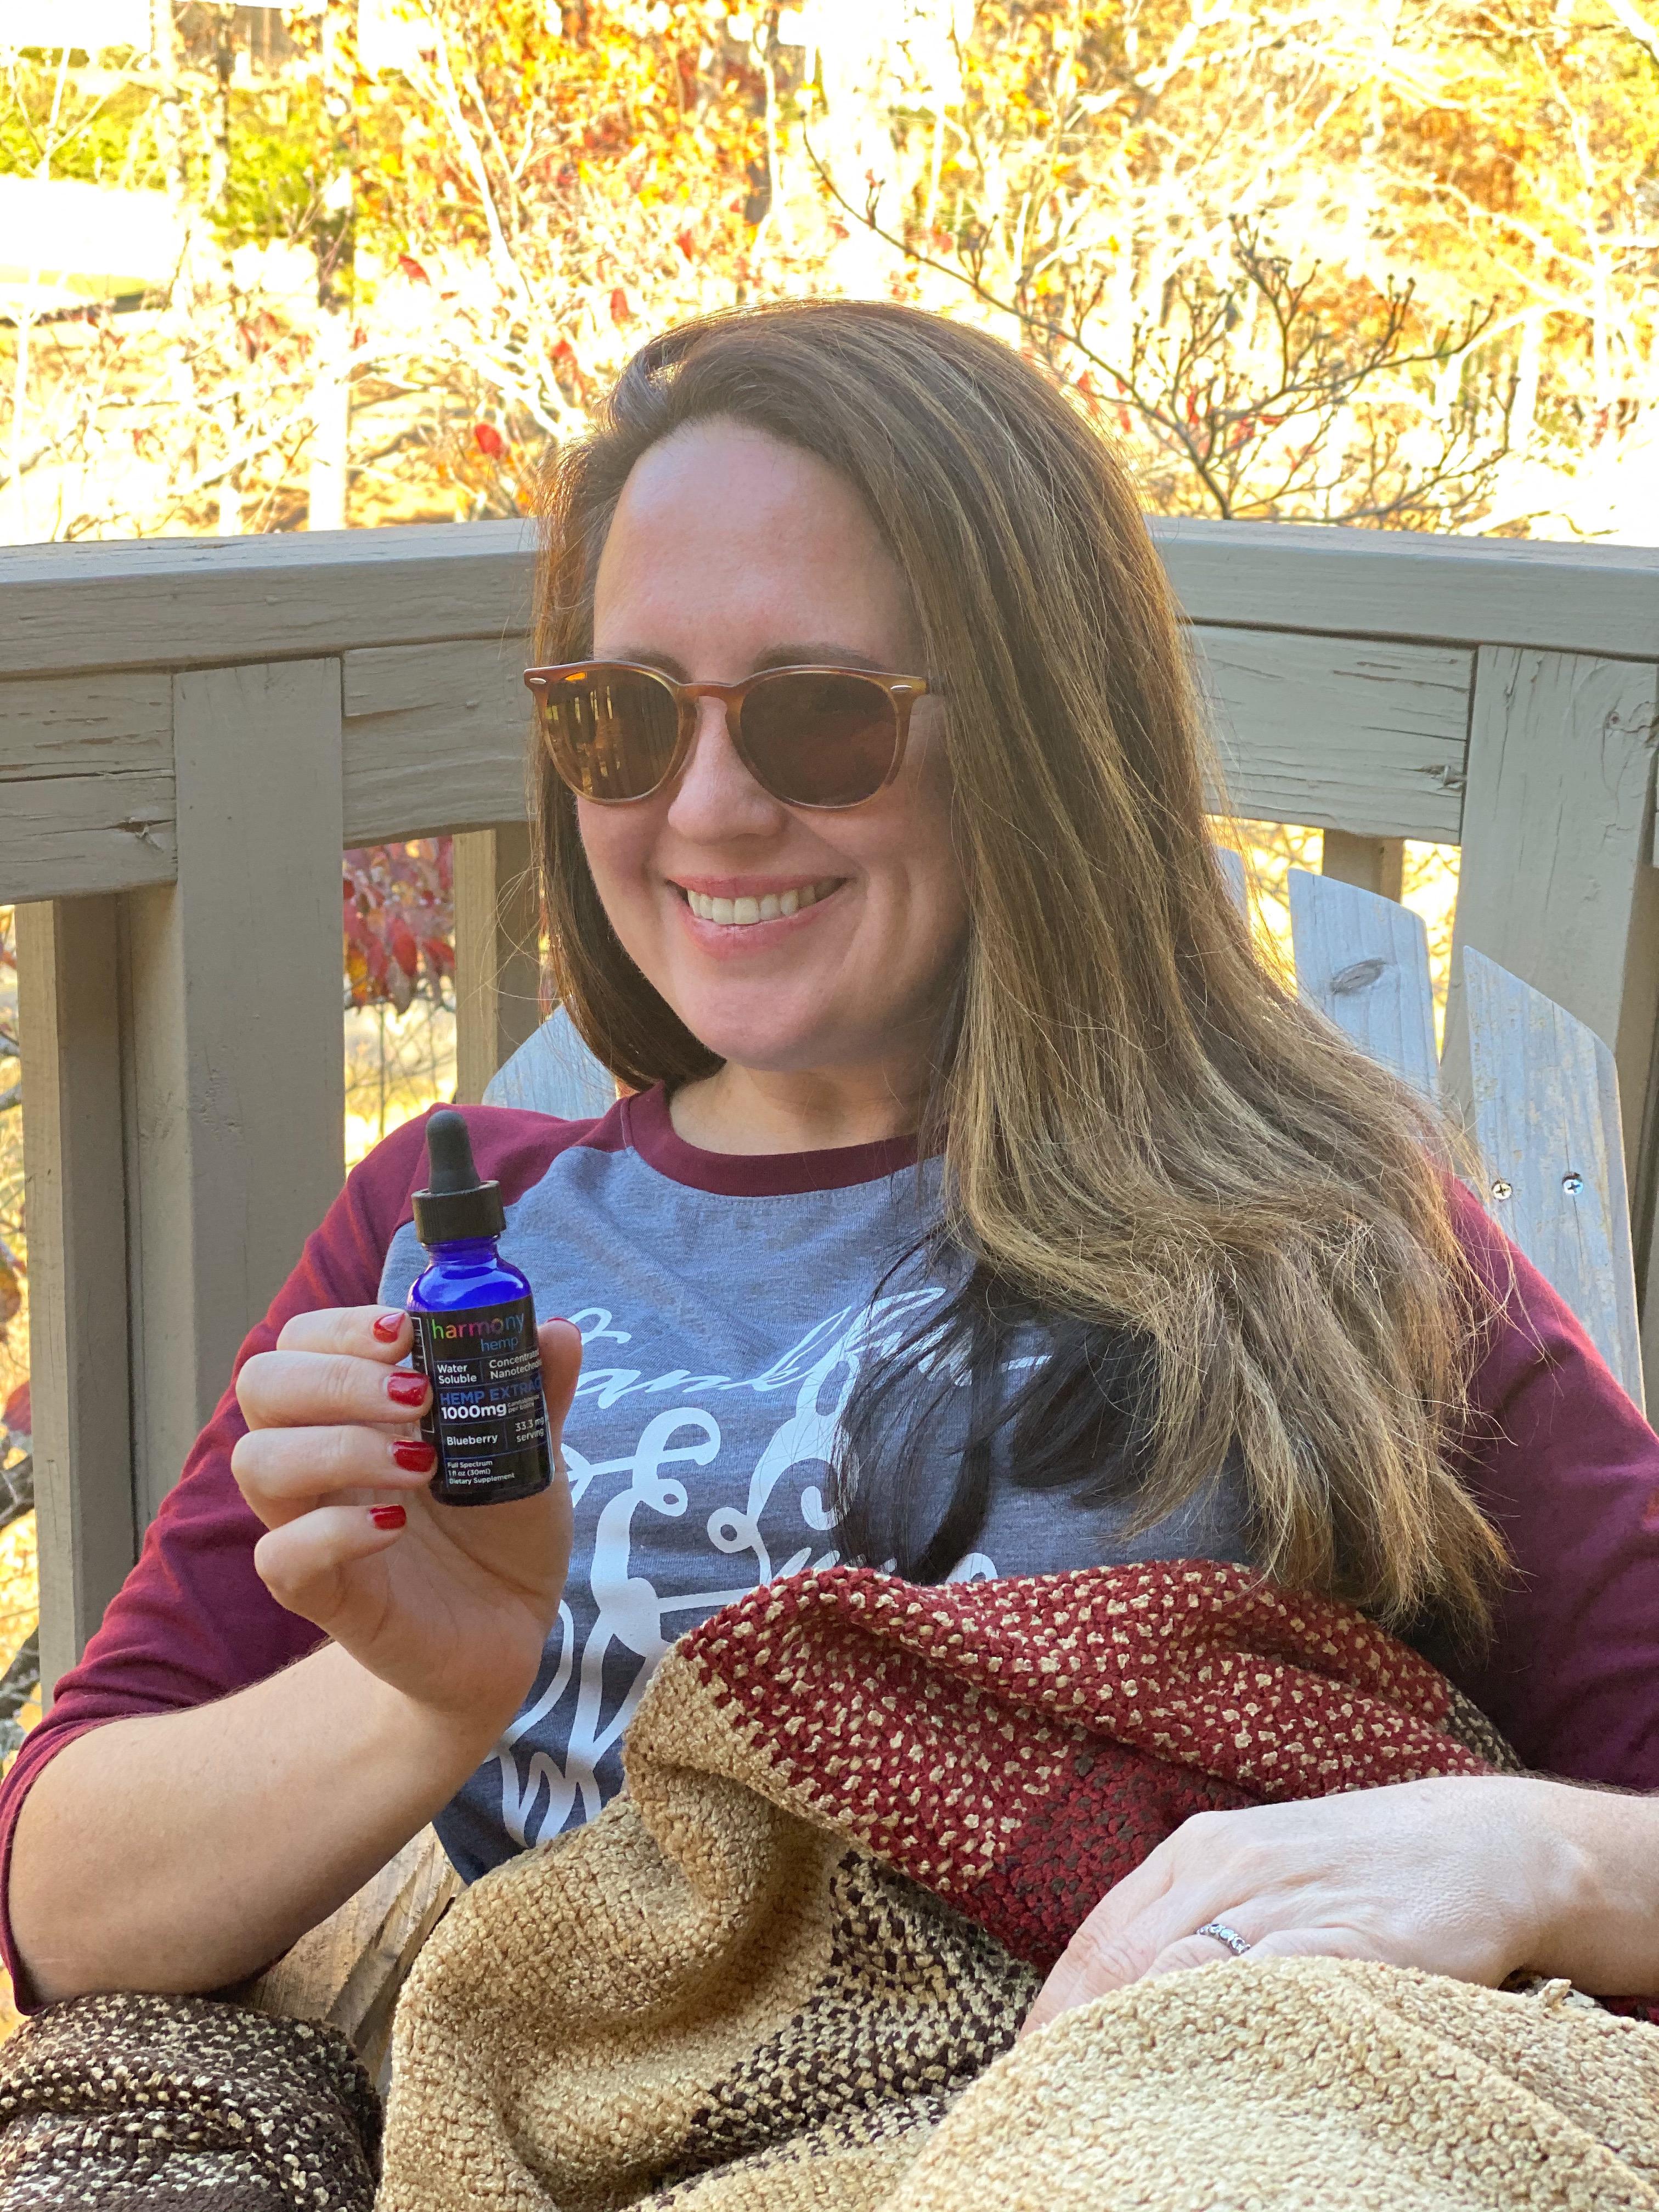 woman holding cbd oil bottle